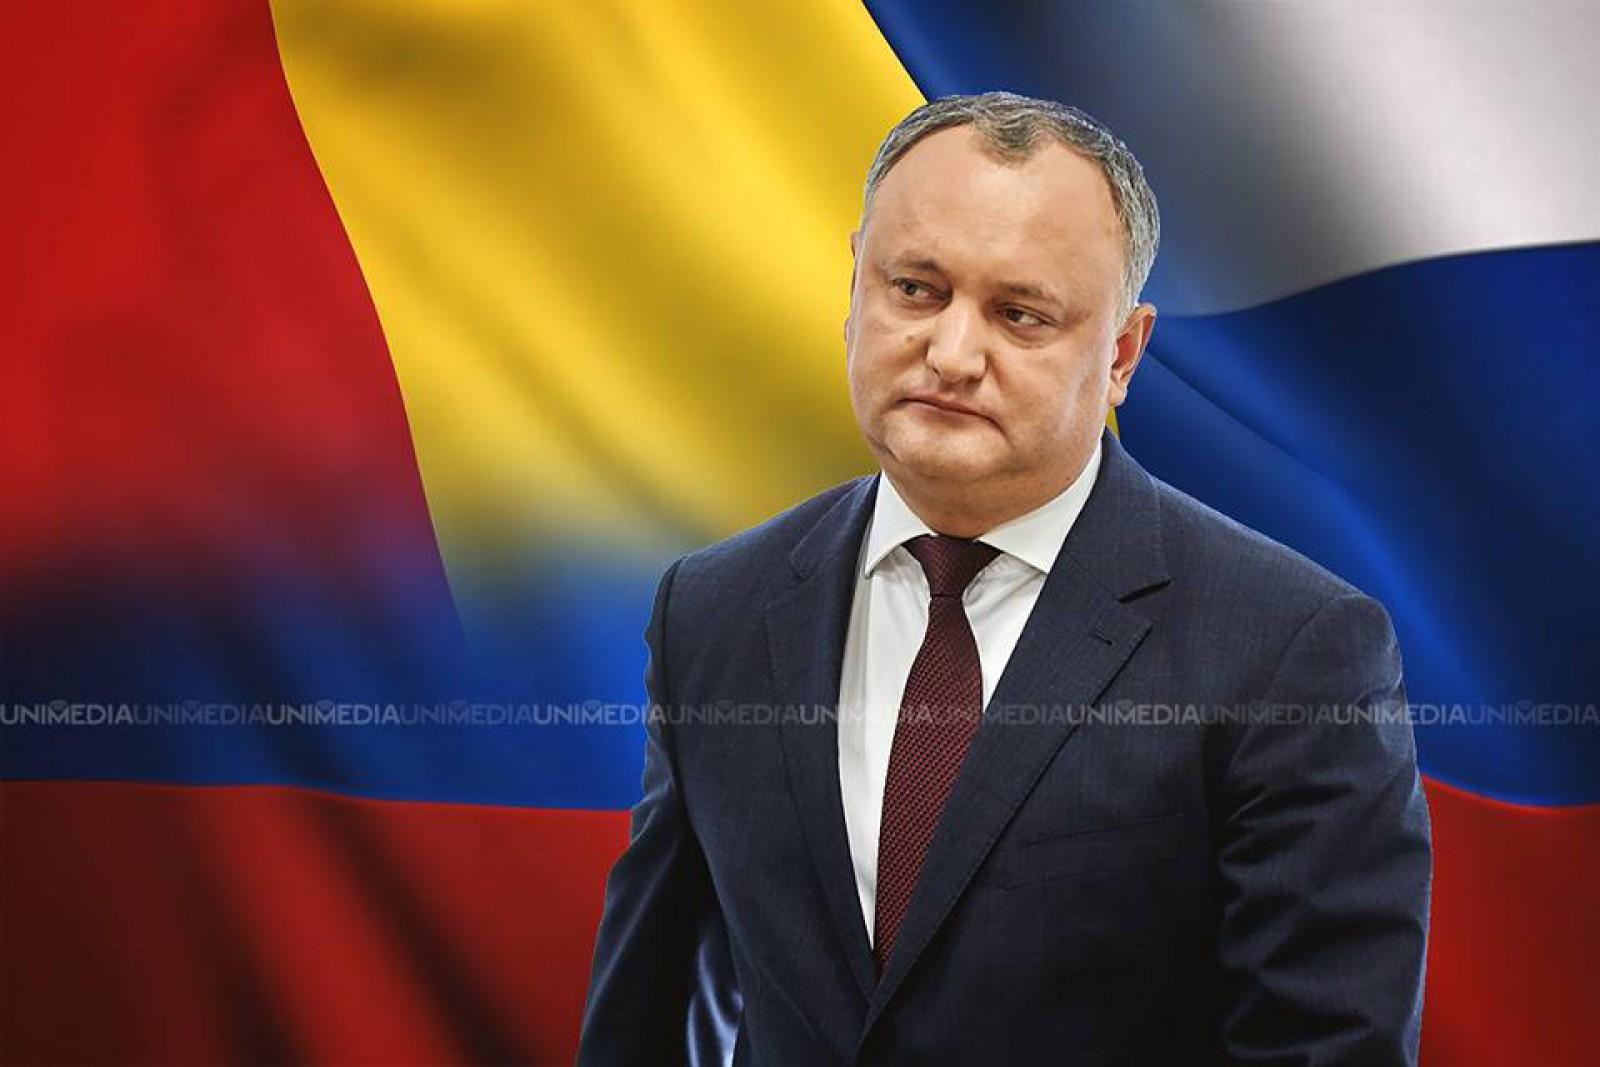 Federația Rusă, concurentă României la înfrățiri cu localități din R. Moldova? Dodon: Știu zeci de primării care au semnat acorduri cu primării din Rusia